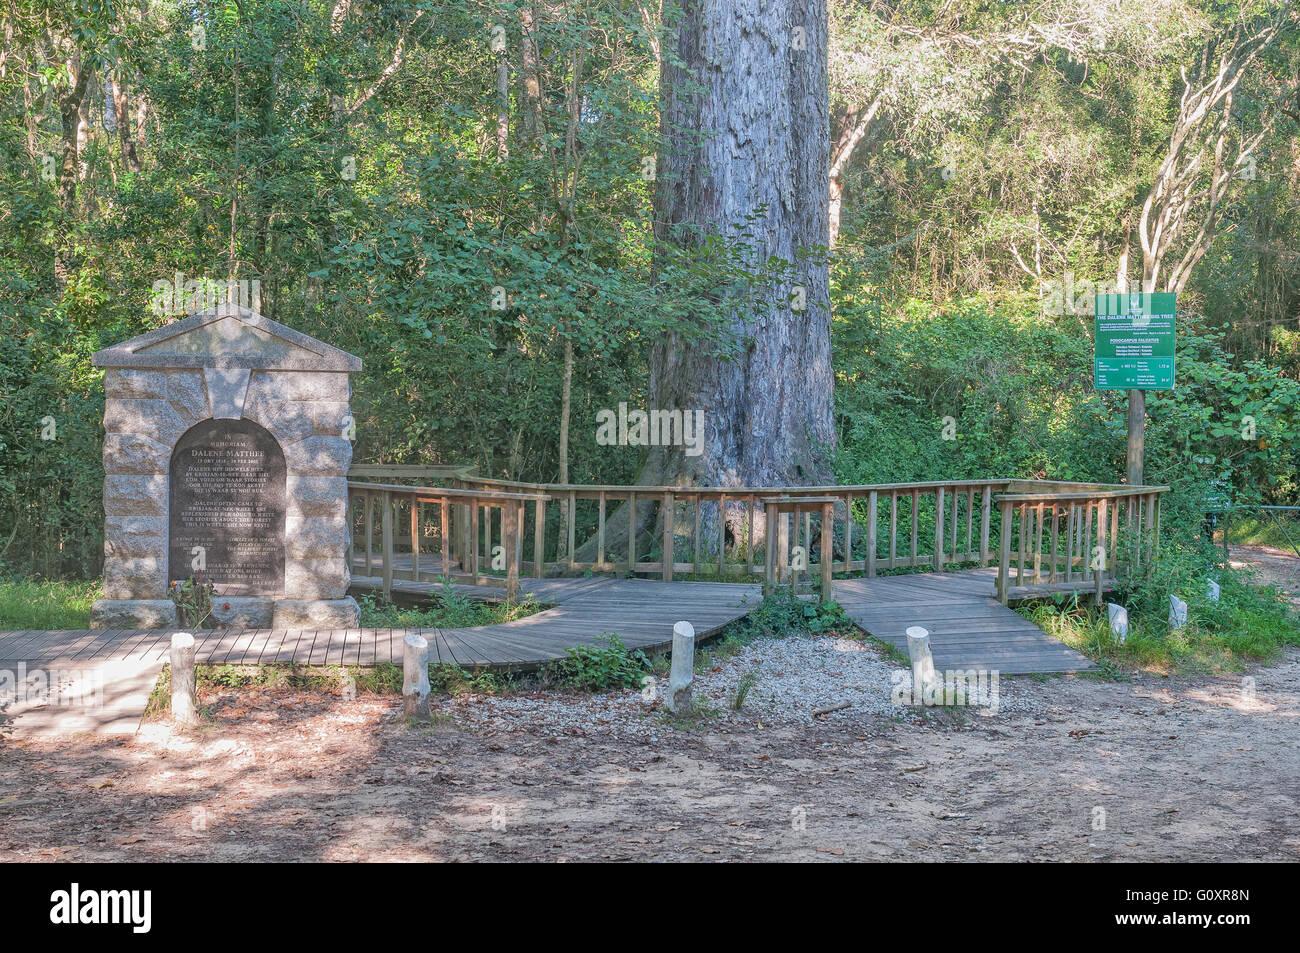 MILLWOOD, Südafrika - 4. März 2016: Ein Denkmal und 880 Jahre alten Baum im Knysna Wald gewidmet von Dalene Matthee Stockfoto